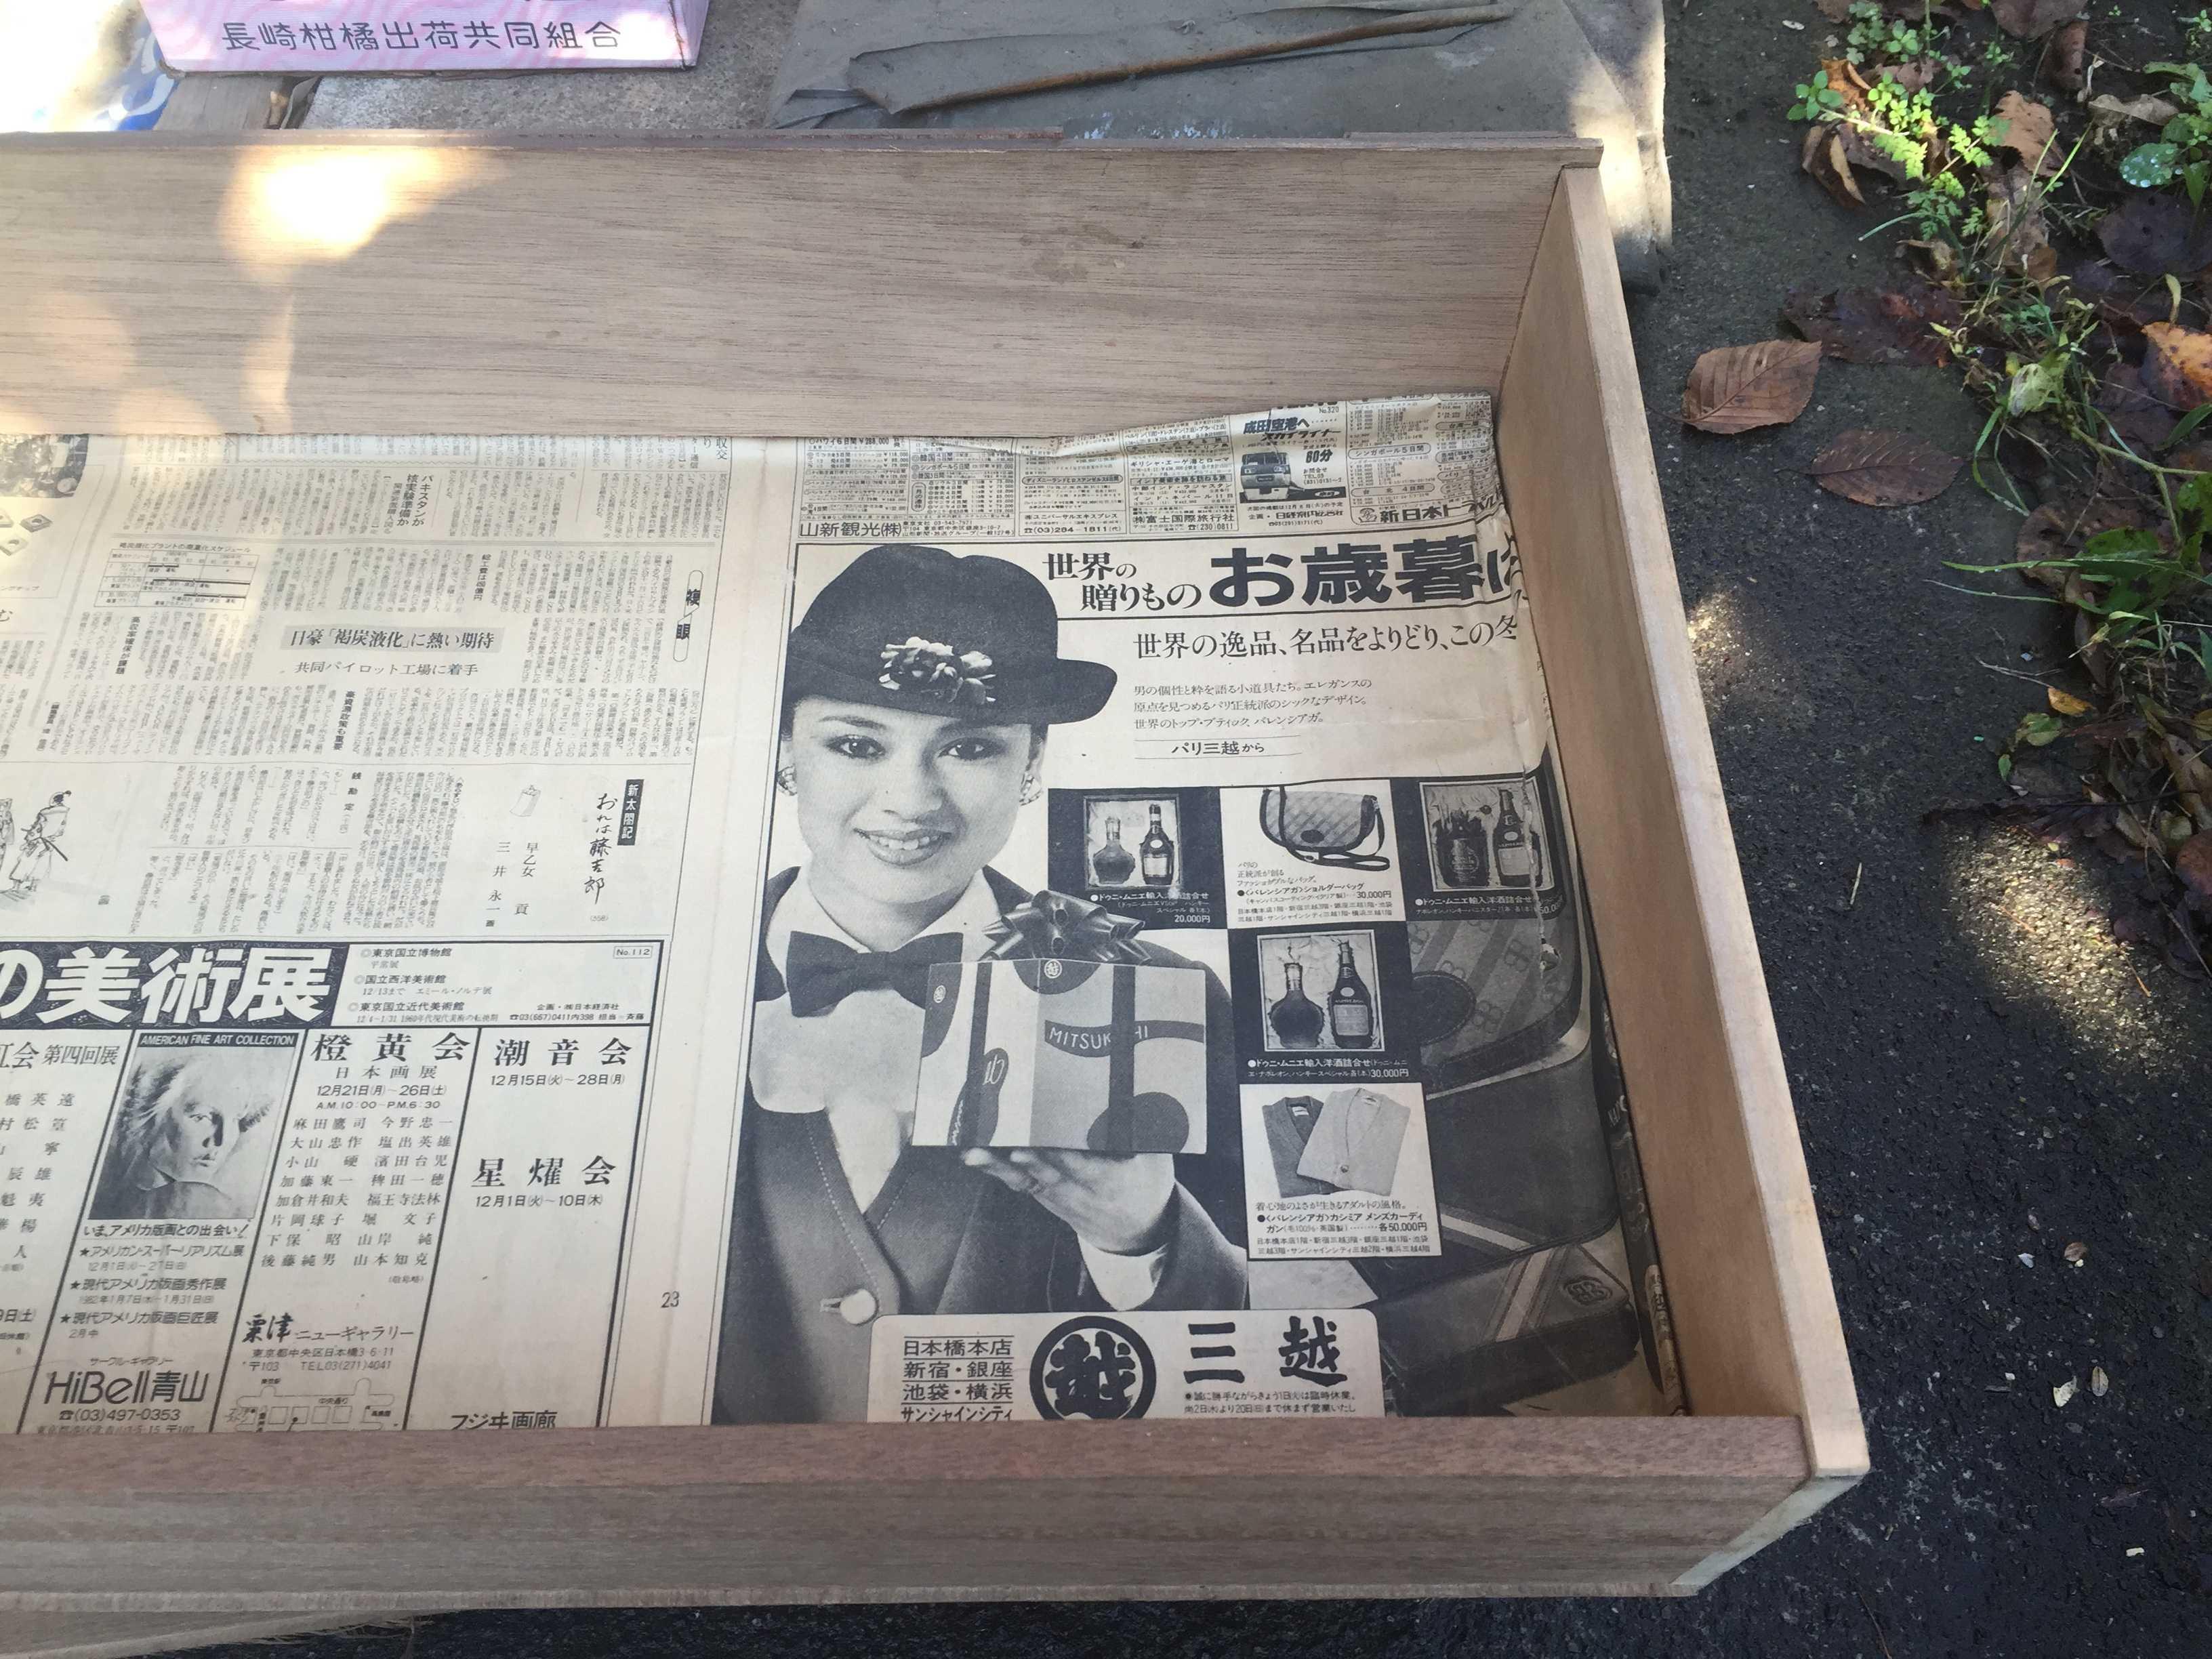 ジュディ・オングの三越の新聞広告